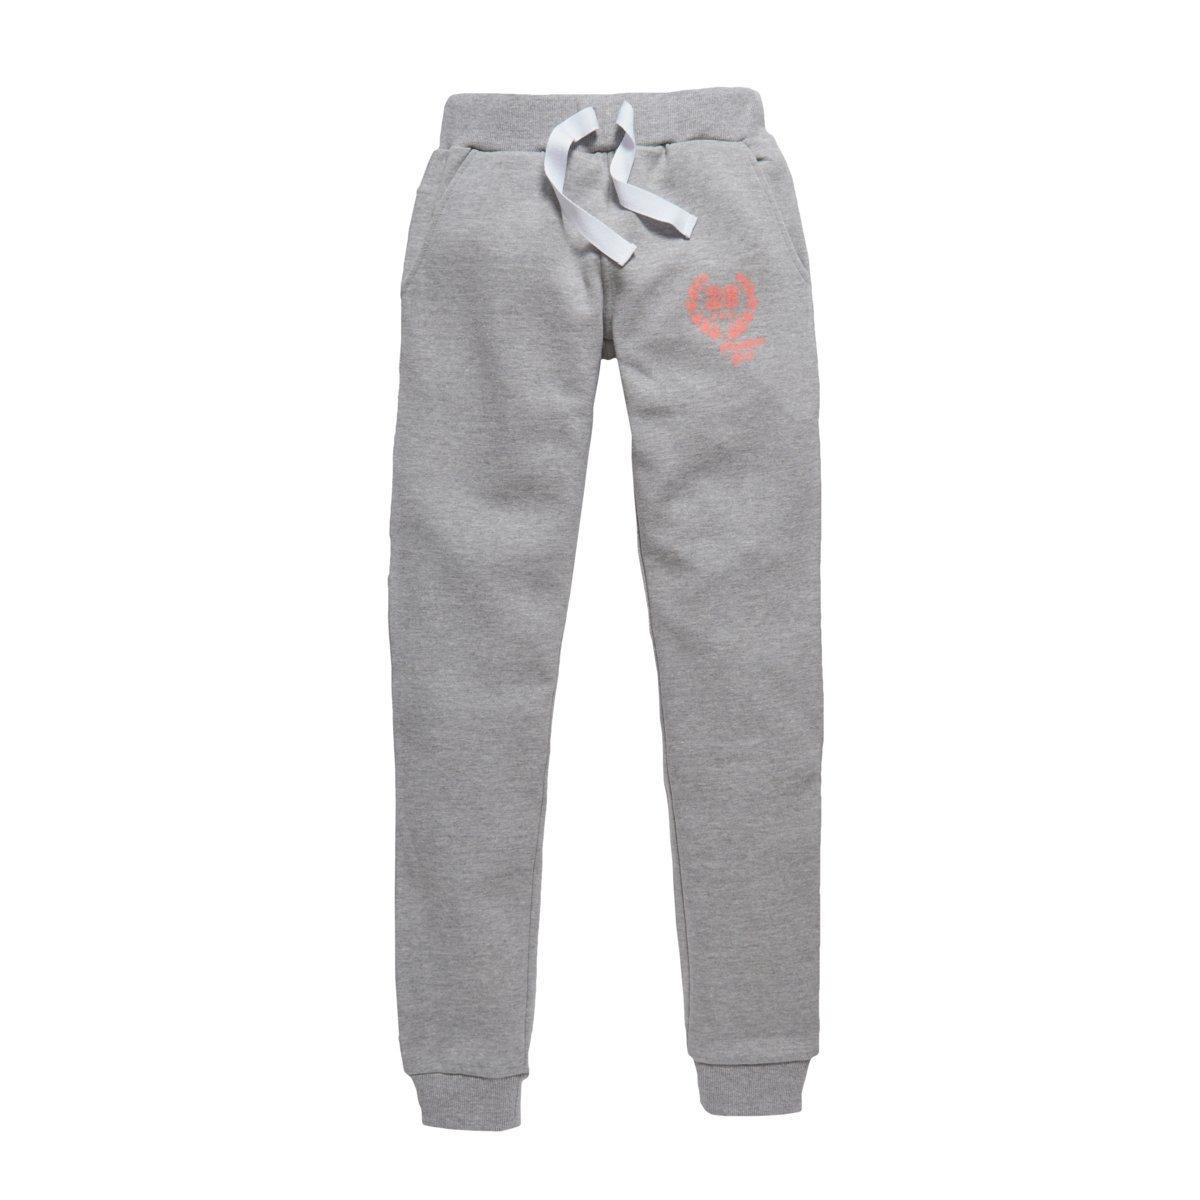 Брюки спортивные из мольтона 10-16 летУдобные спортивные брюки из мольтона: 85% хлопка, 15% полиэстера (кроме цветов меланж: : 60% хлопка, 40% полиэстера). Эластичный пояс на кулиске с завязками. Пояс и низ брючин связаны в рубчик. 2 кармана спереди. .   Флуоресцентный рисунок на одной брючине.<br><br>Цвет: серый меланж,синий